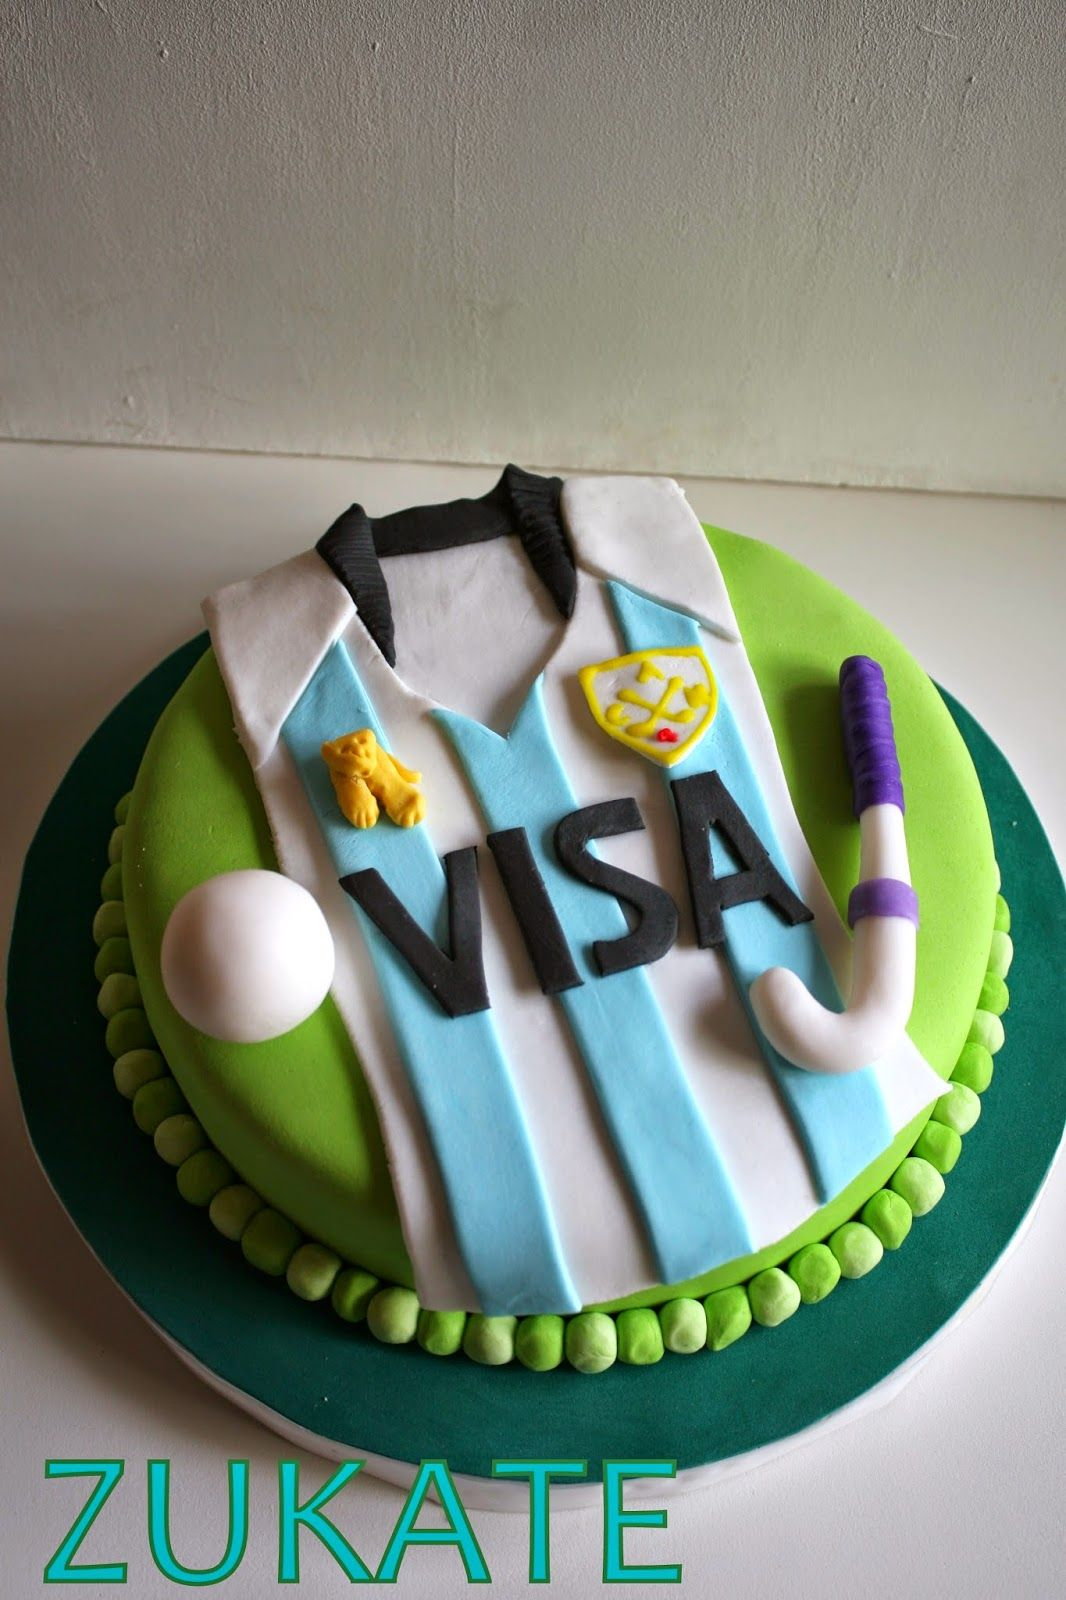 tortas decoradas de hockey Buscar con Google cristhian